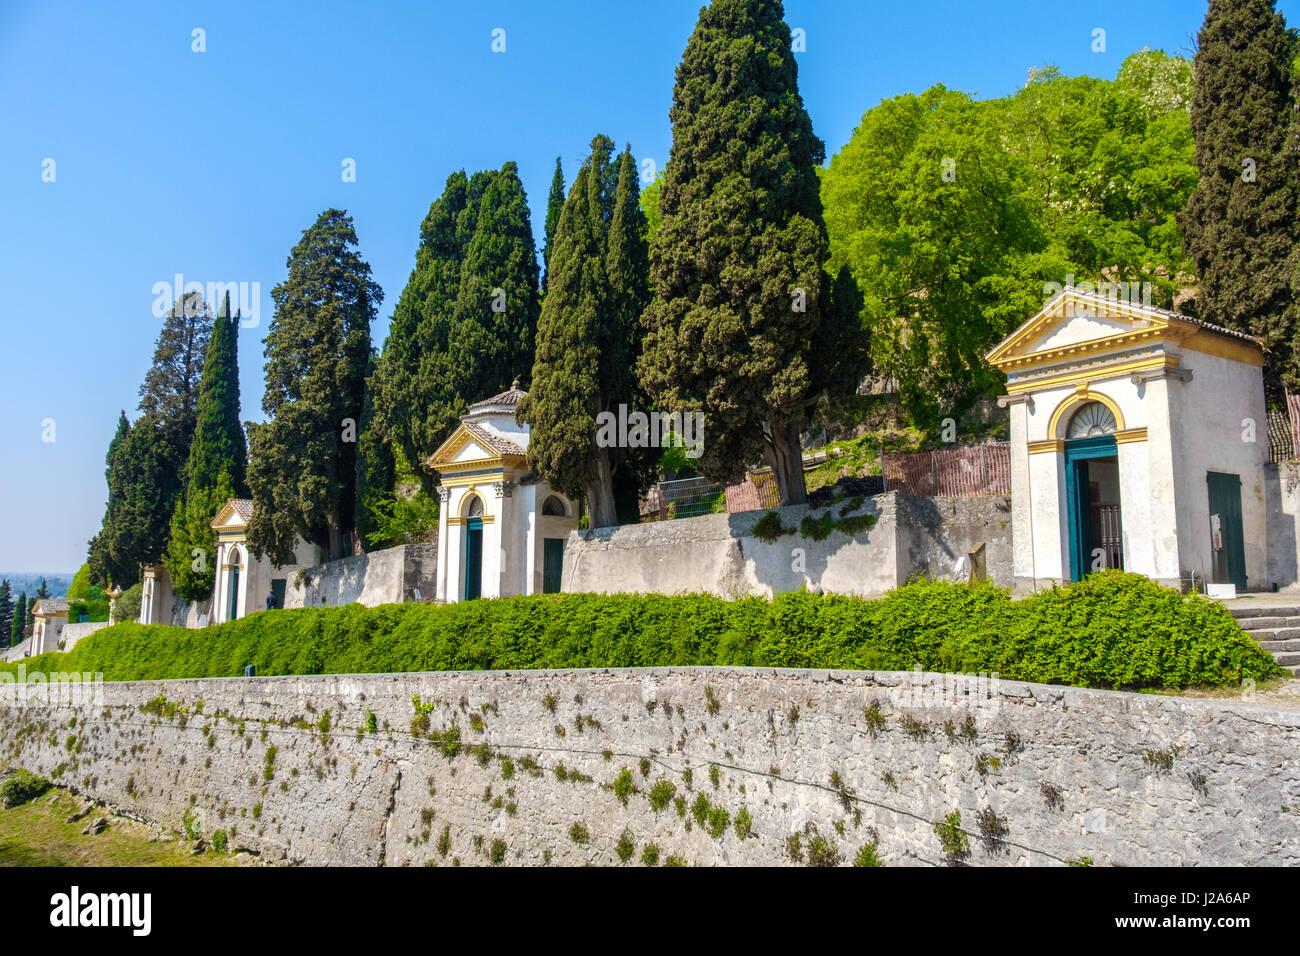 Monselice Padova Veneto santuario delle sette chiesette Sette Chiese Santuario Colli Euganei Immagini Stock